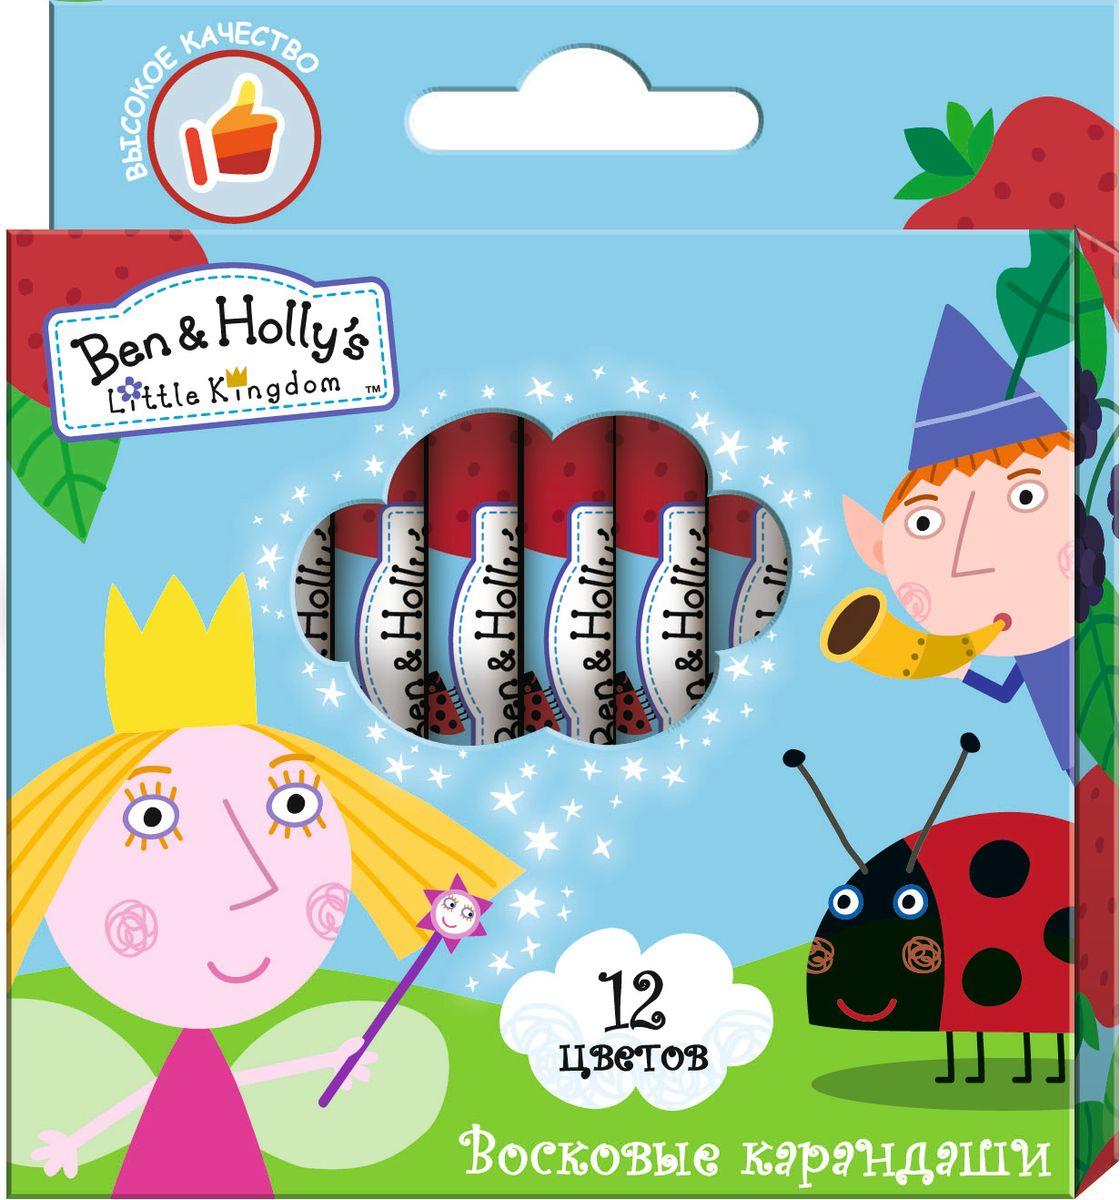 Ben&Holly Набор восковых карандашей Бен и Холли 12 цветов72523WDВ набор ТМ Бен и Холли входит 12 восковых карандашей, которые благодаря своим ярким, насыщенным цветам идеально подходят для рисования, письма и раскрашивания. Индивидуальные бумажные упаковки с ярким принтом на каждом карандаше помогают им не выскальзывать из ладошки малыша, оставляя пальчики всегда чистыми. Карандаши мягкие и одновременно прочные, что обеспечивает яркость линий без сильного нажима и легкое затачивание. Диаметр карандаша: 0,8 см; длина: 9 см. Состав: воск, бумага.